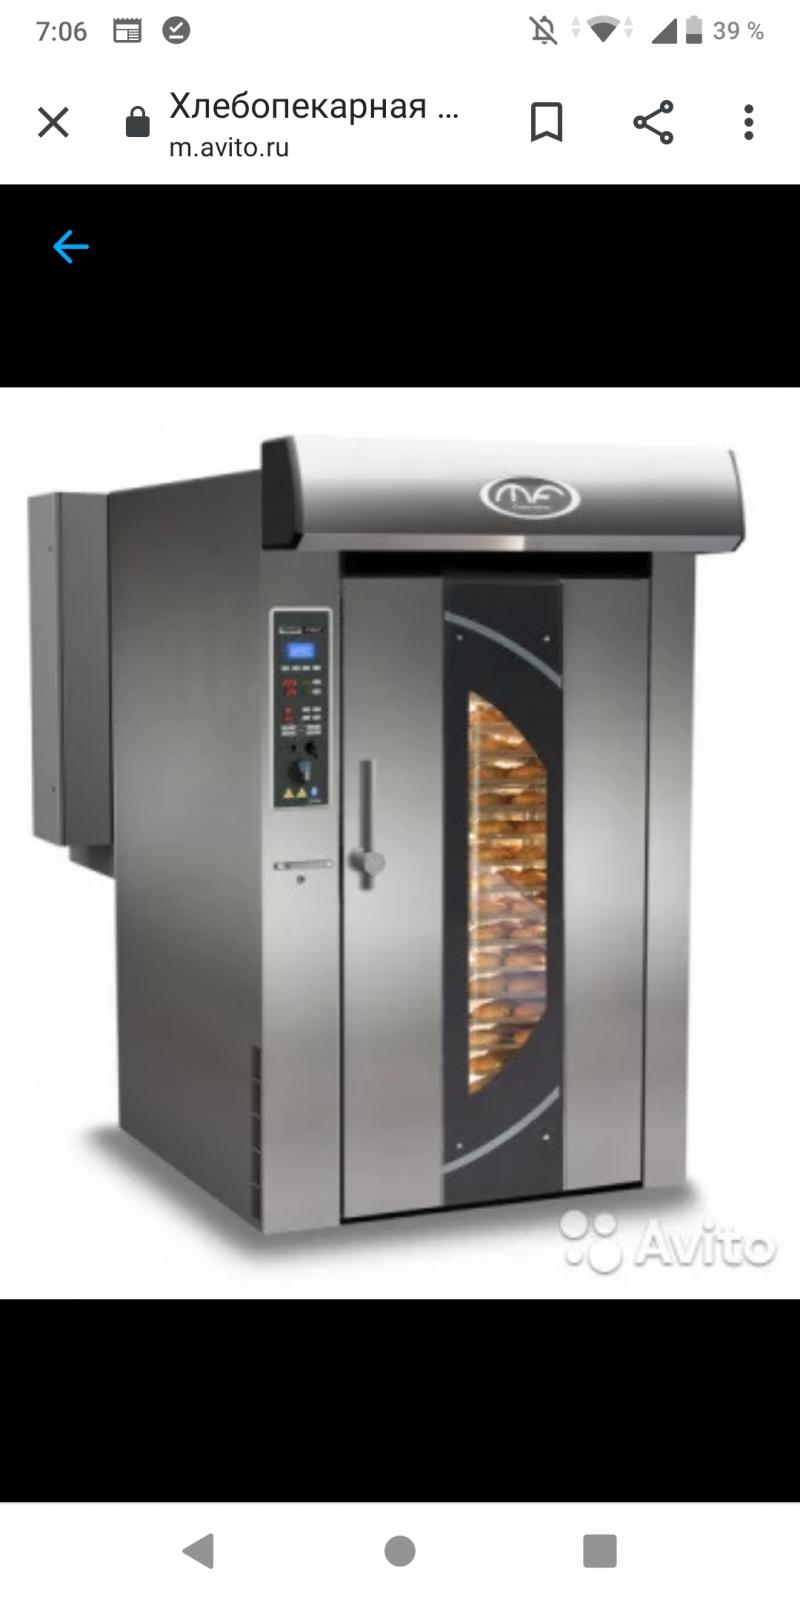 Хлебопекарная печь новая